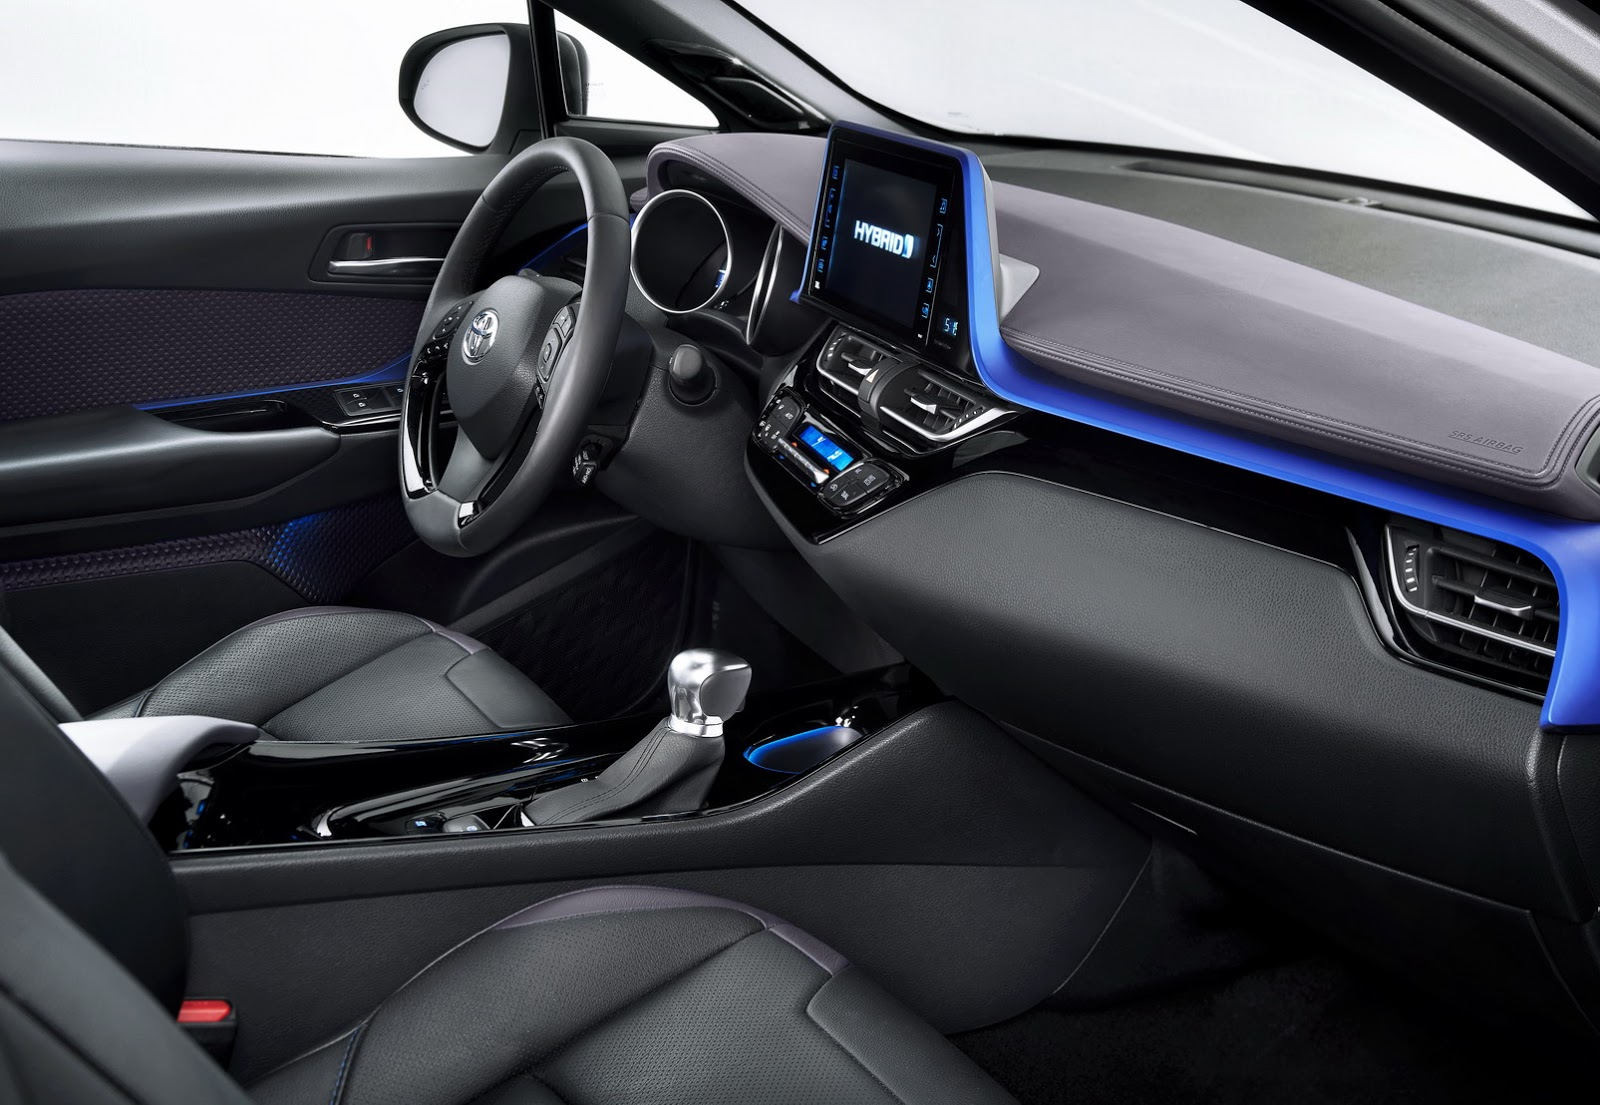 2017 toyota c hr interior design unveiled autoevolution for Hr design interiors